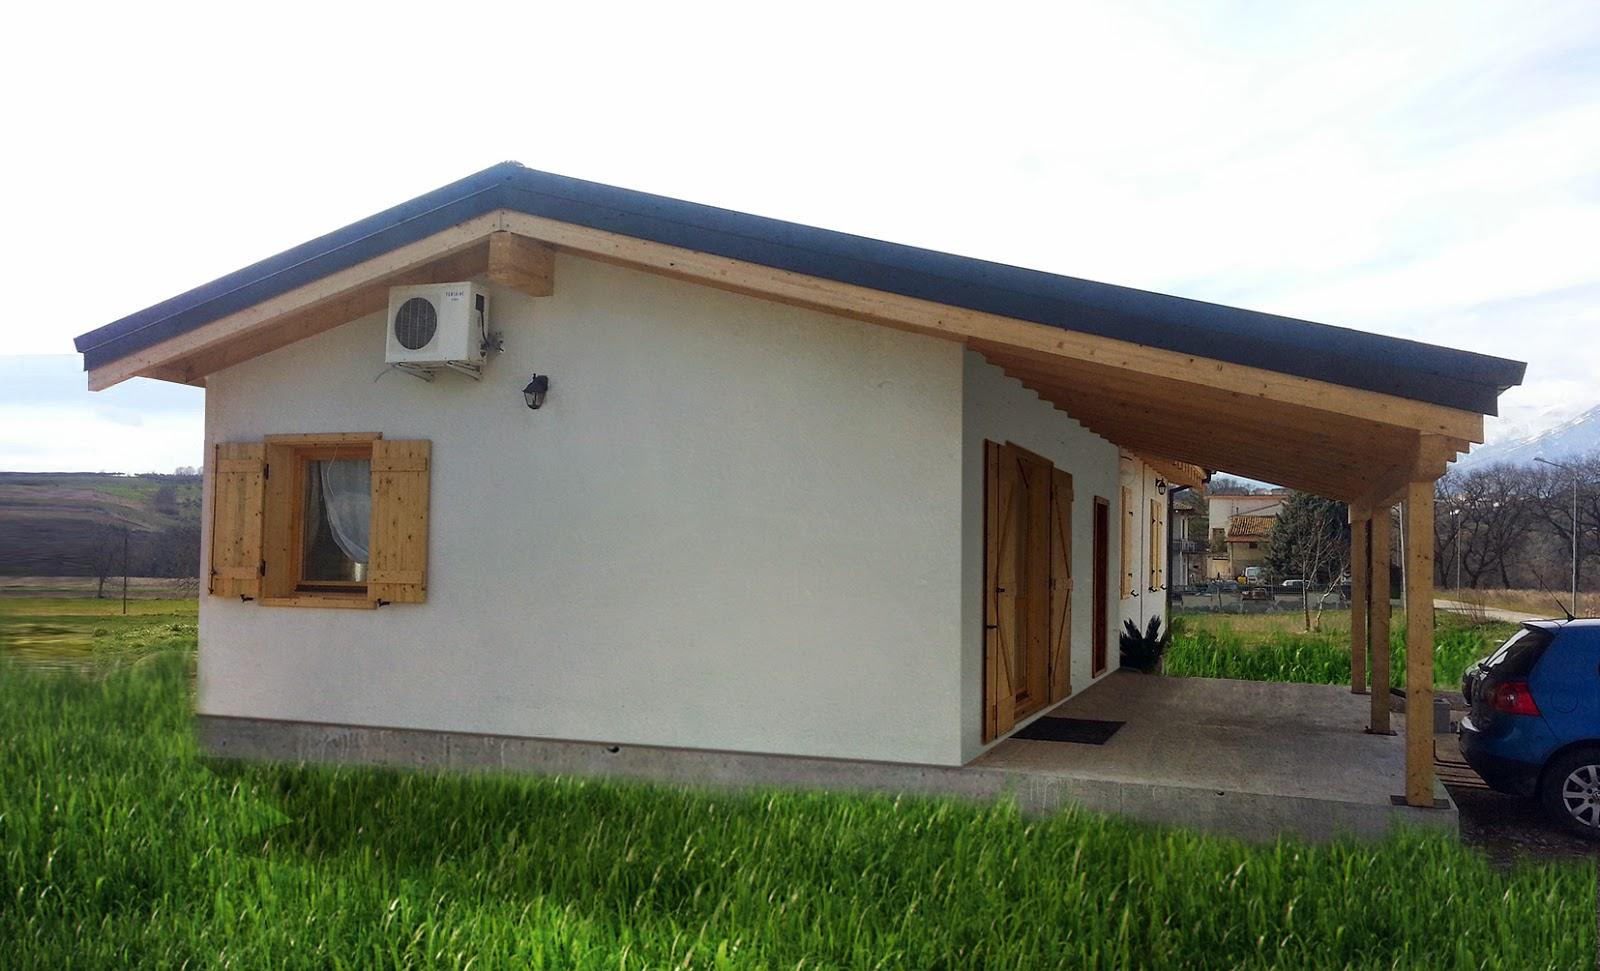 Case con portico in legno immagine di anteprima per i for Costo del portico anteriore